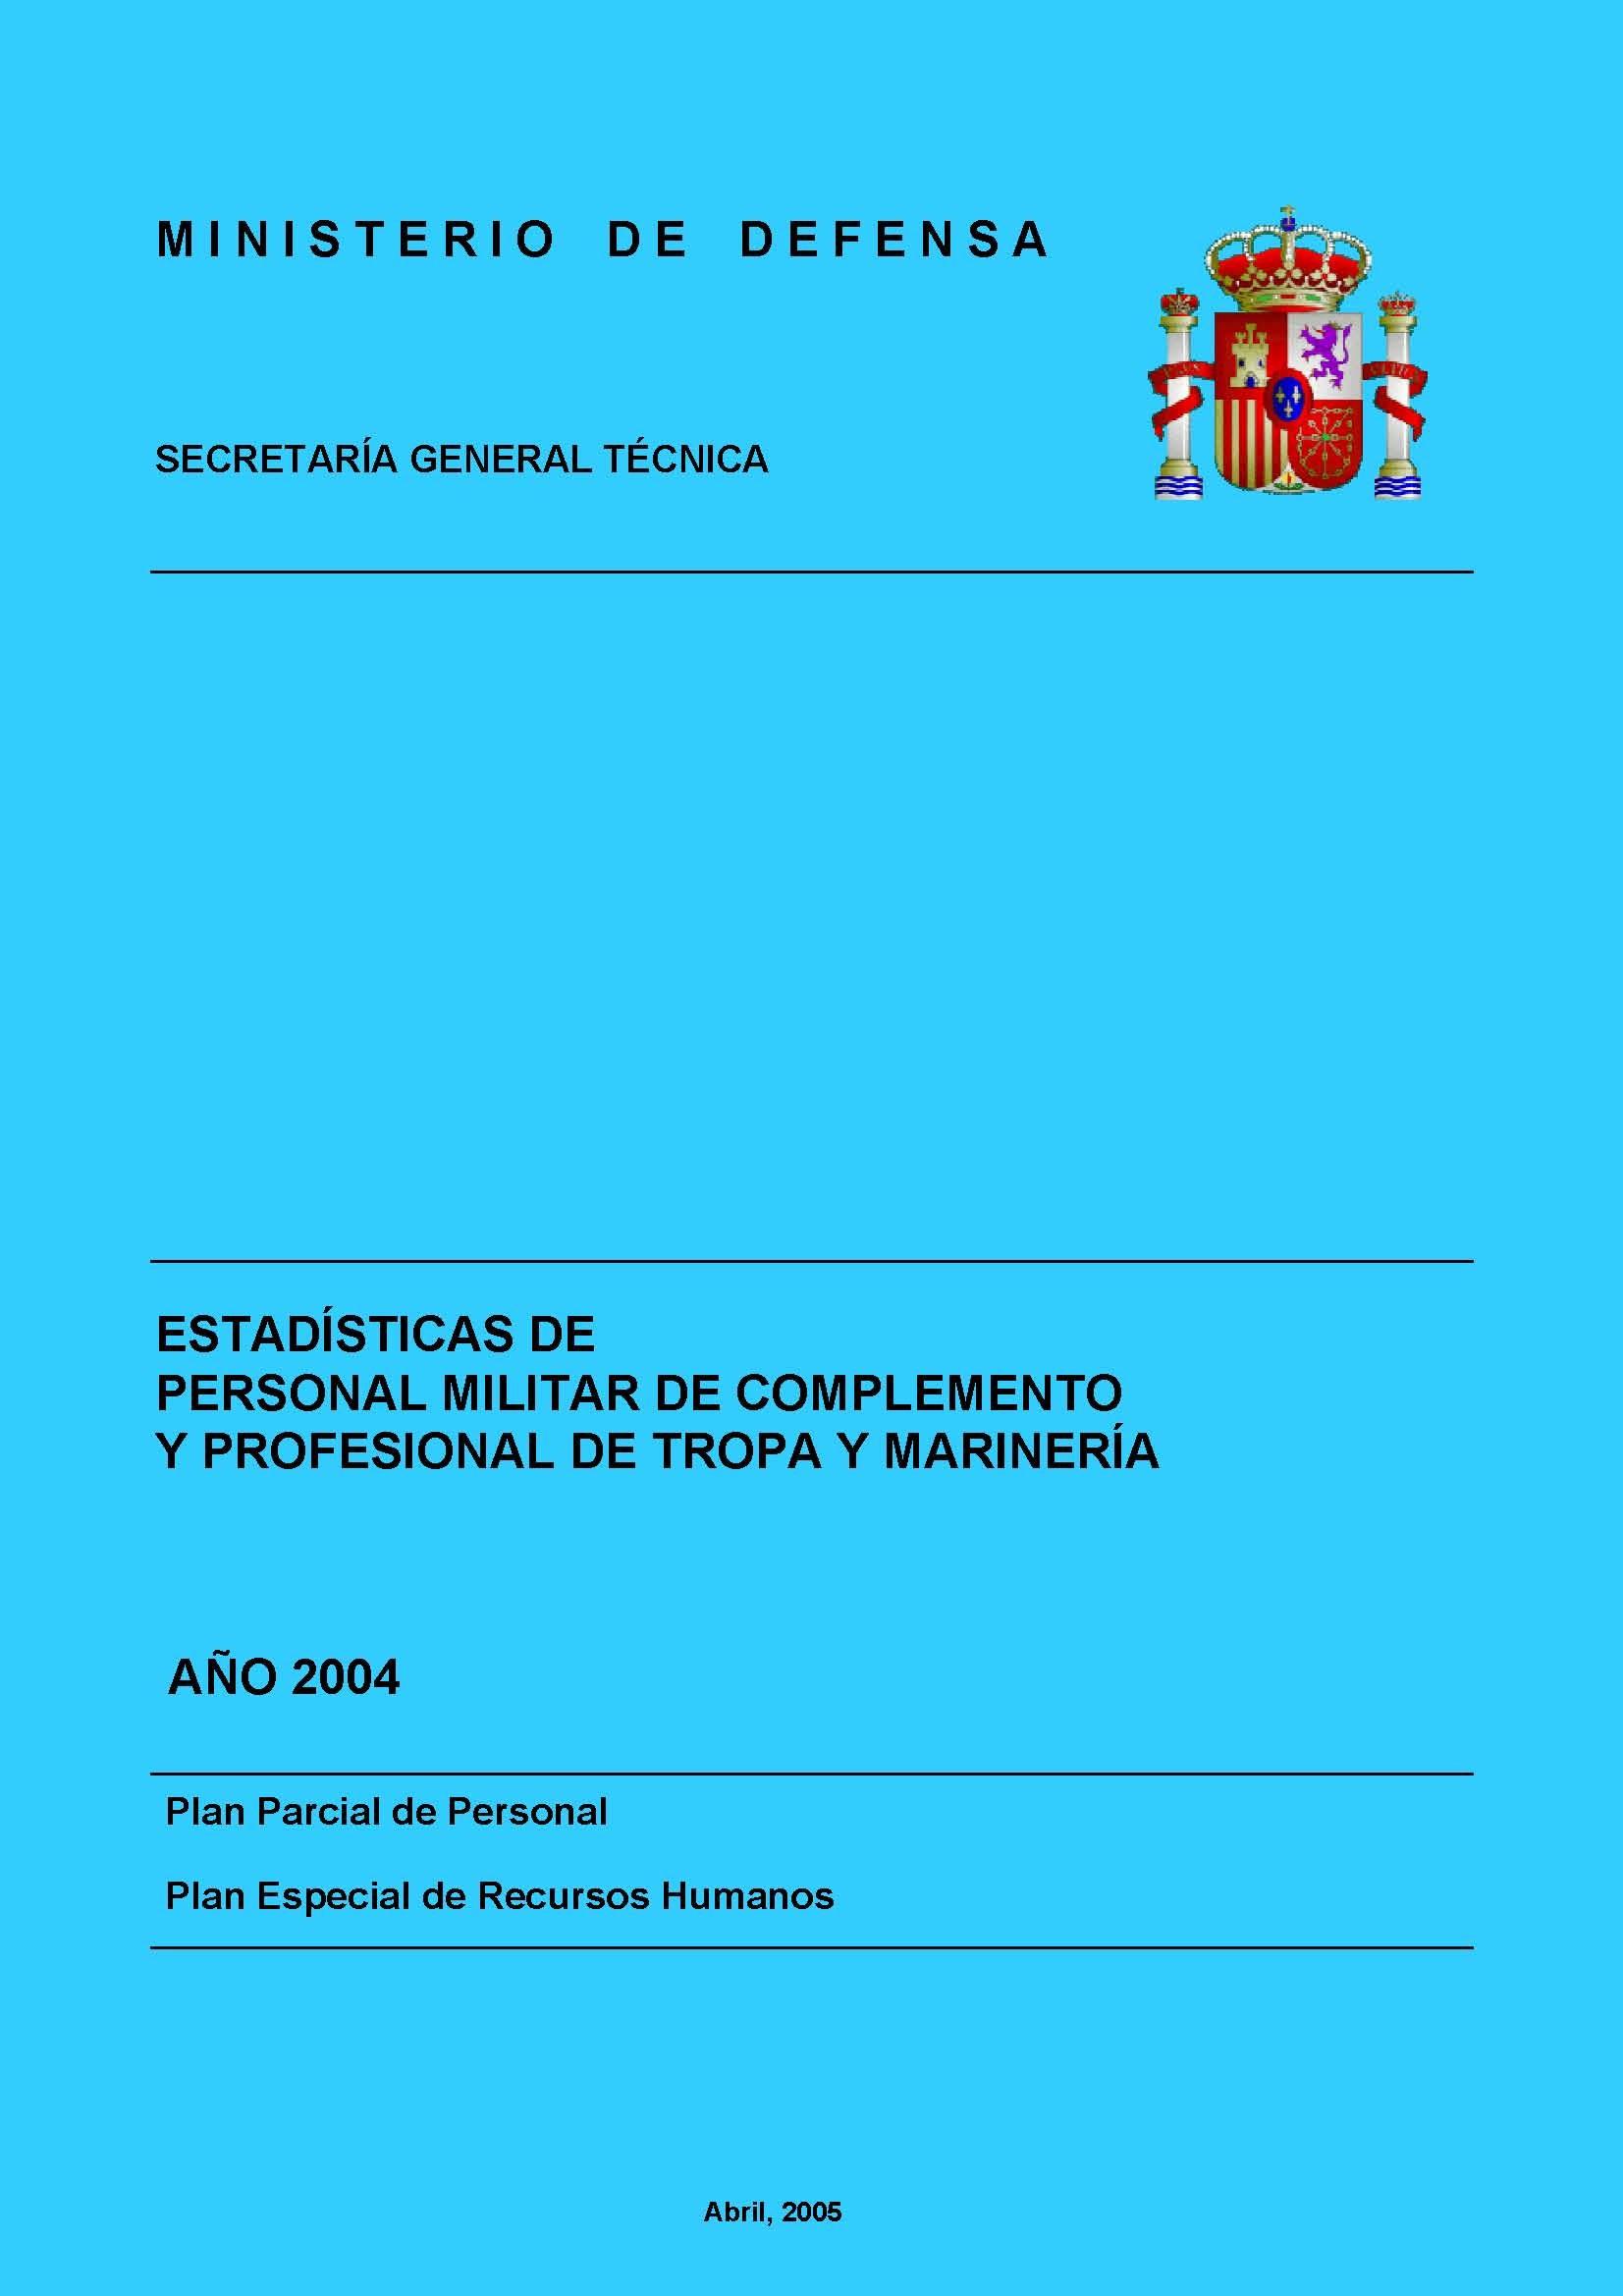 ESTADÍSTICA DEL PERSONAL MILITAR DE COMPLEMENTO Y PROFESIONAL DE TROPA Y MARINERÍA 2004